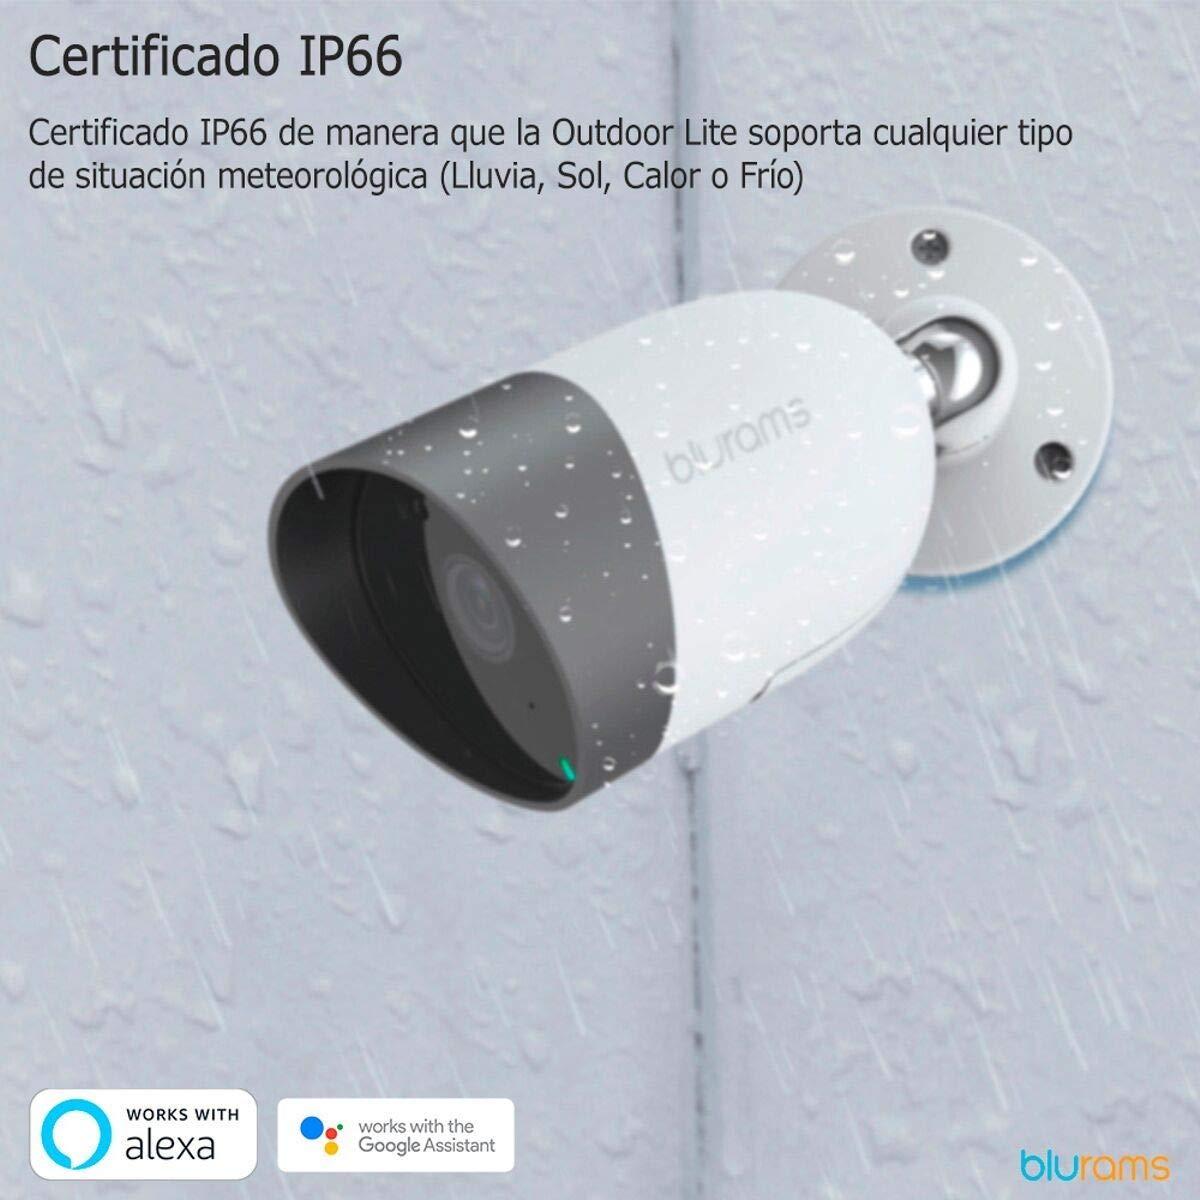 Modo Crucero Blurams Dome Pro 1080p FHD C/ámara de Vigilancia en Domo para el Hogar-WiFi Mic.Alt Detecci/ón Inteligente Personas//Animales//Sonidos Alertas Tiempo Real Visi/ón Panor/ámica iOS /& Android